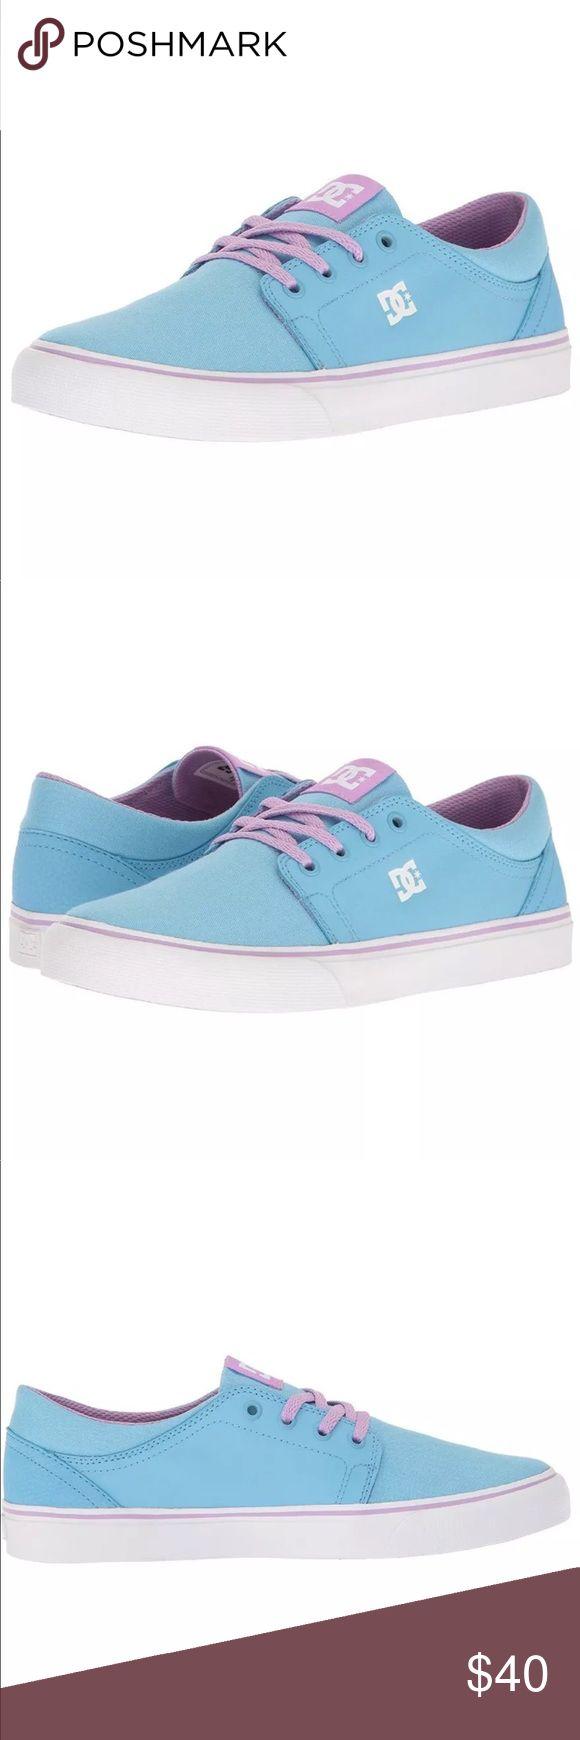 Zapato industrial y de construcci¨?n Detroit Mid Soft Toe para mujer, im¨¢n / campana azul, 9.5 M US